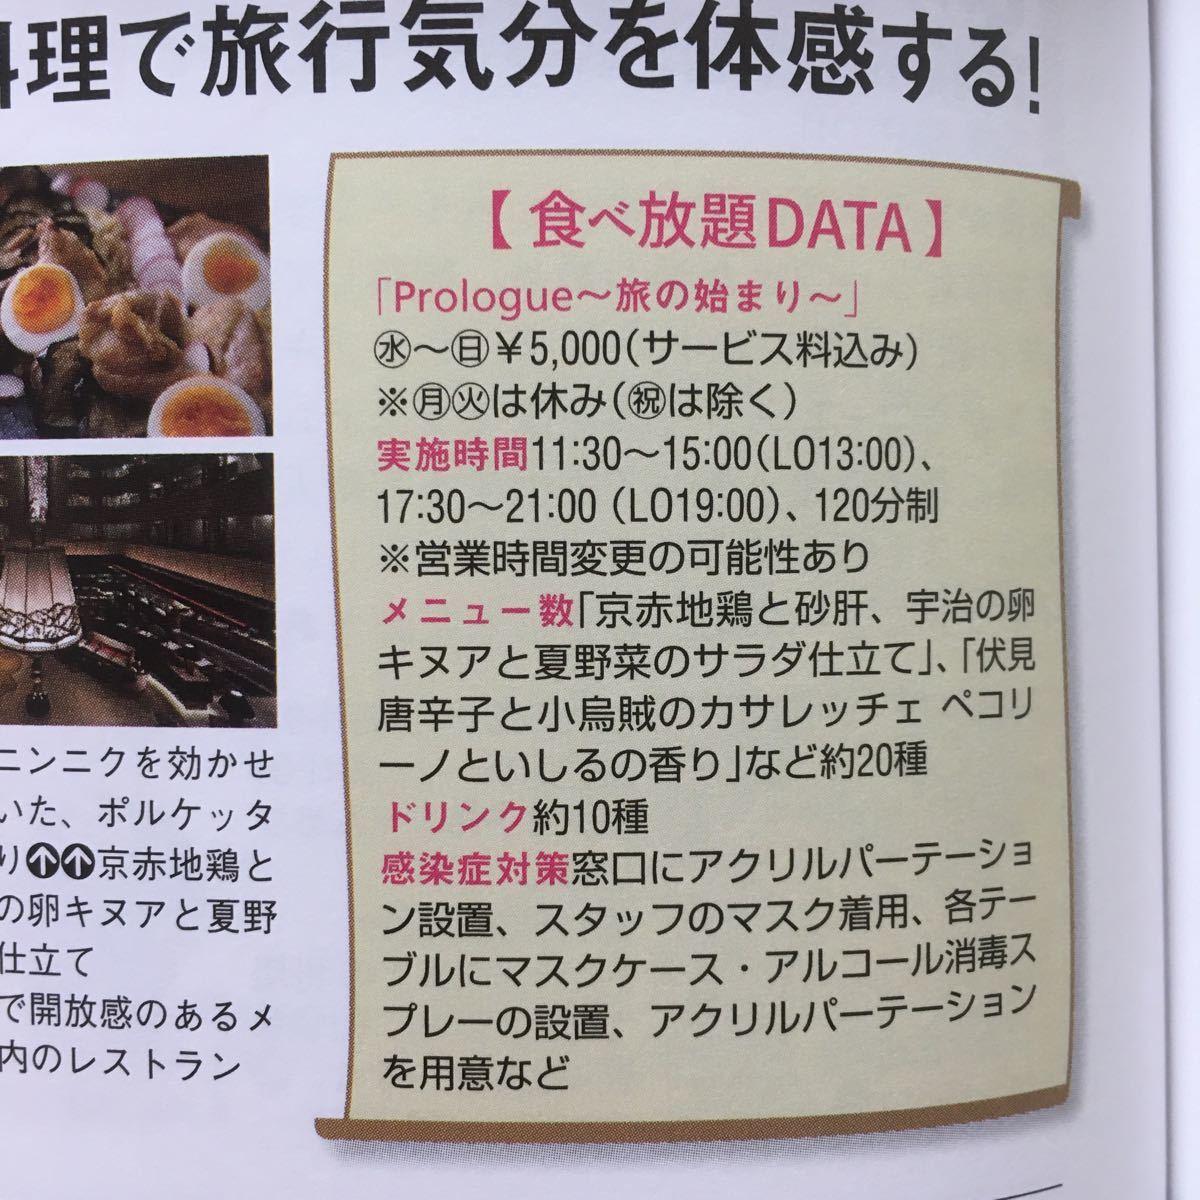 京都センチュリーホテル オールデイダイニング ラジョウ クーポン券 割引券 9/30まで_画像3